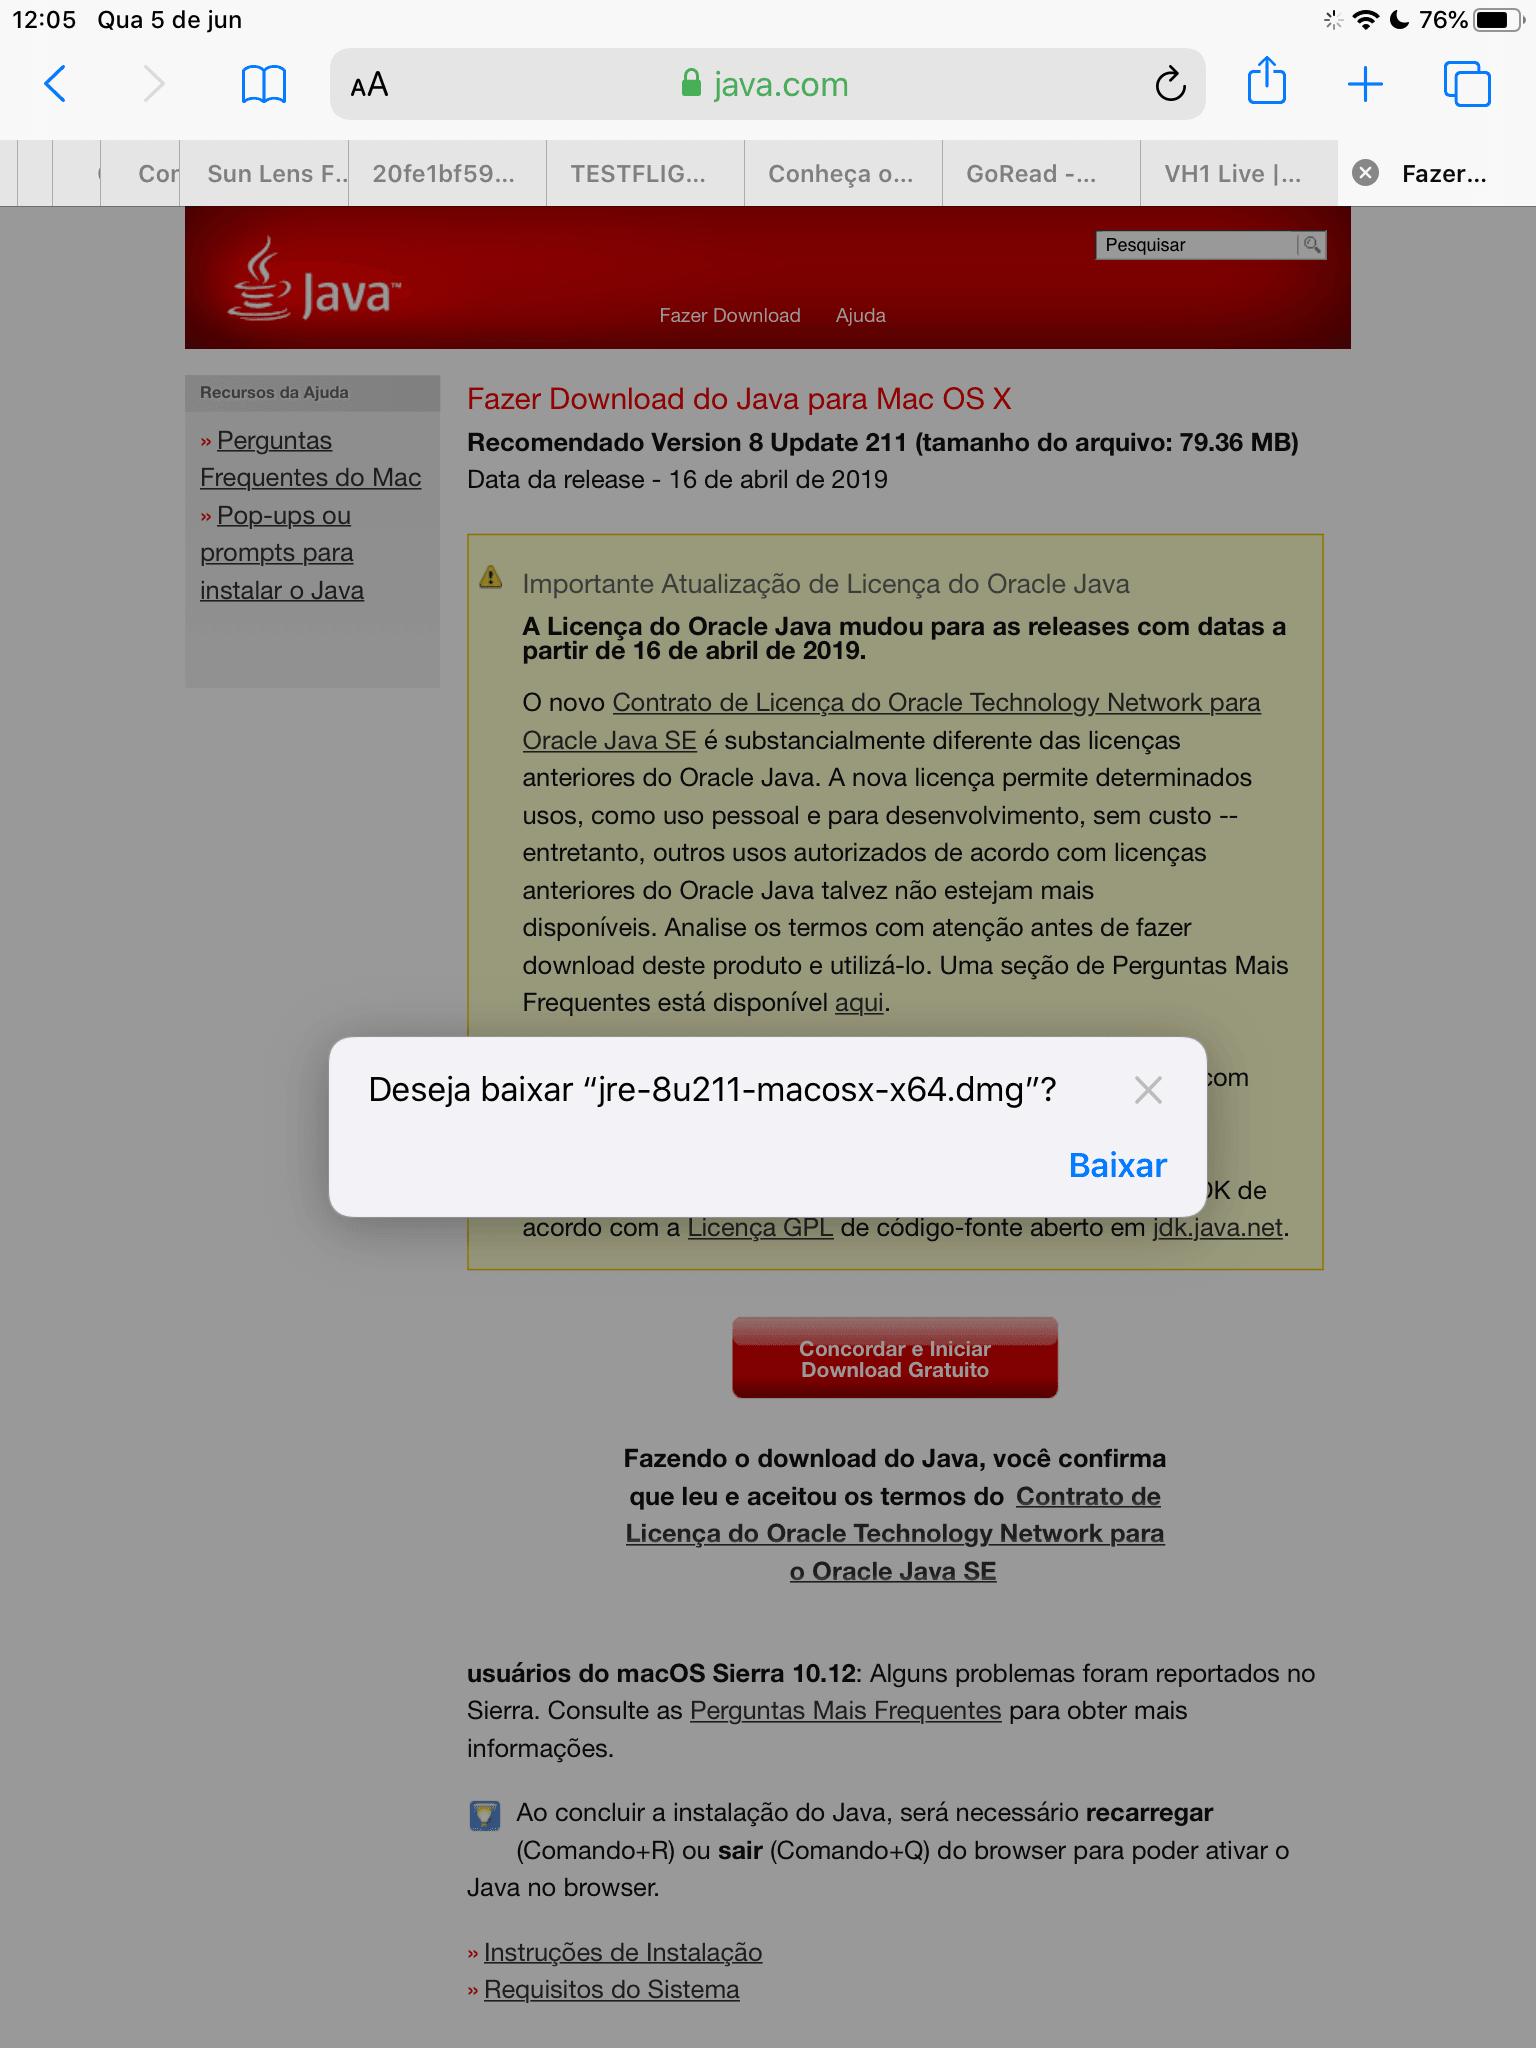 Safari 13 Download Manager